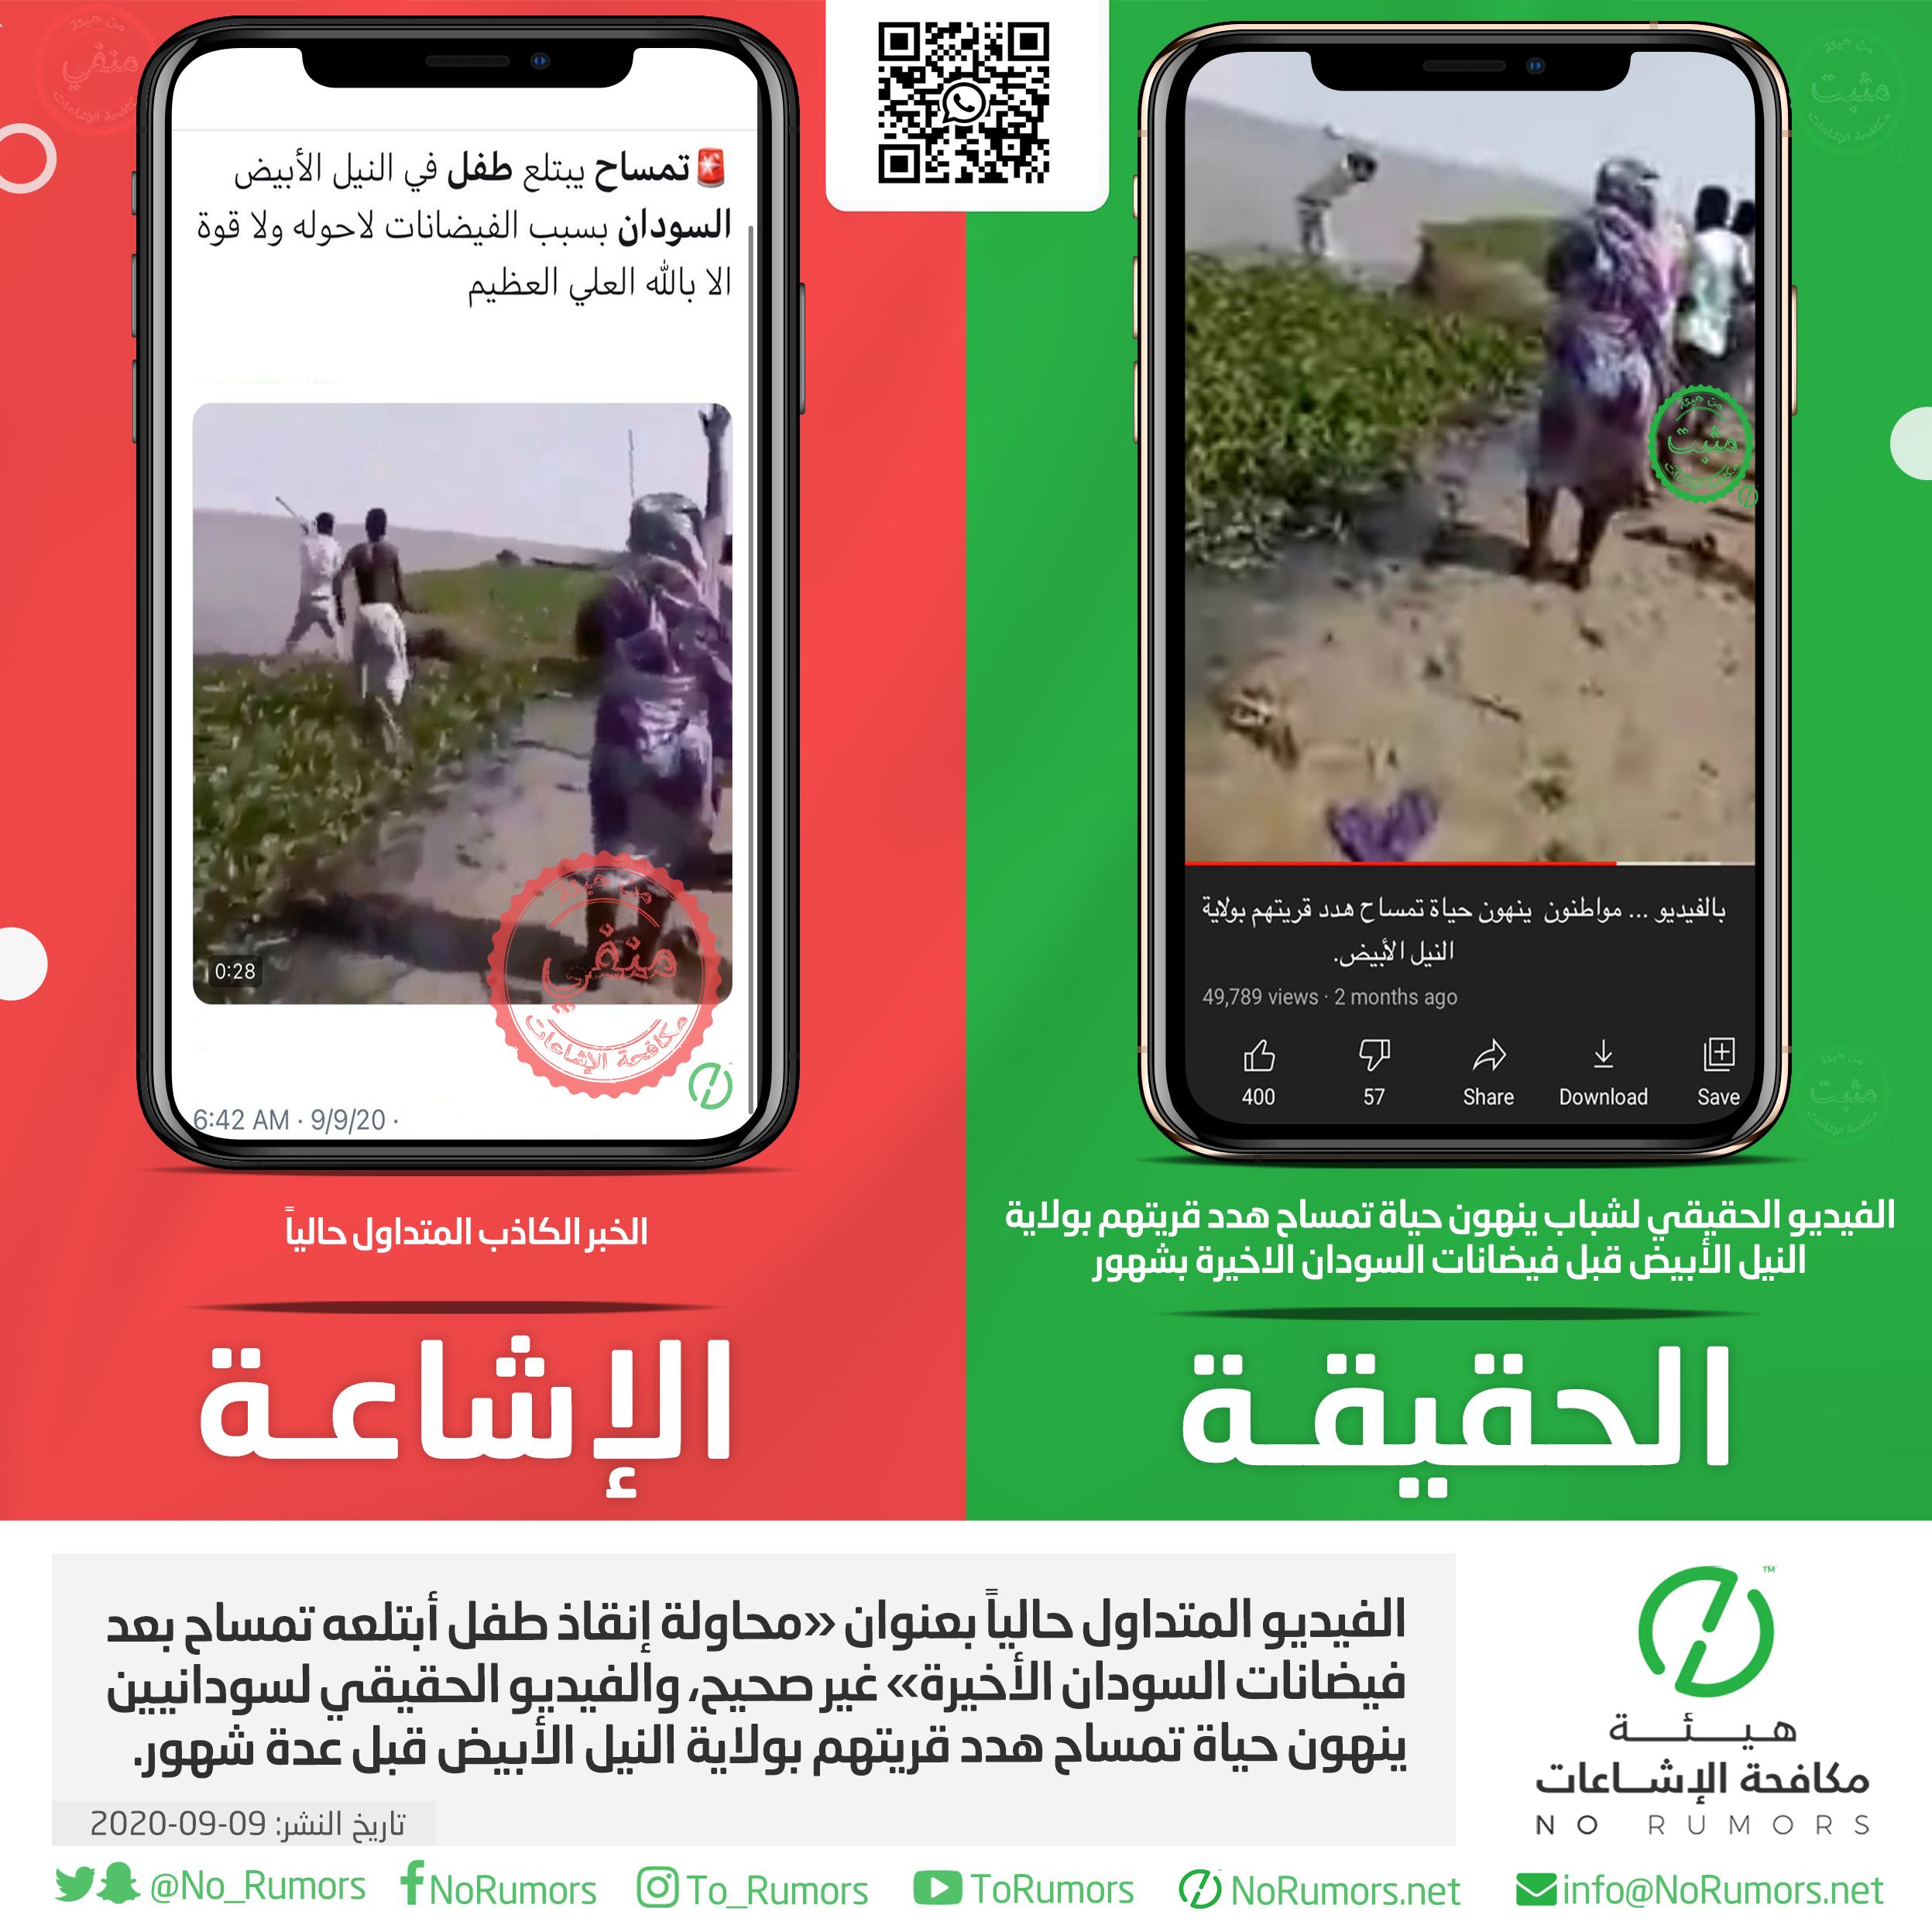 حقيقة الفيديو المتداول حالياً بعنوان «محاولة إنقاذ طفل أبتلعه تمساح بعد فيضانات السودان الأخيرة»